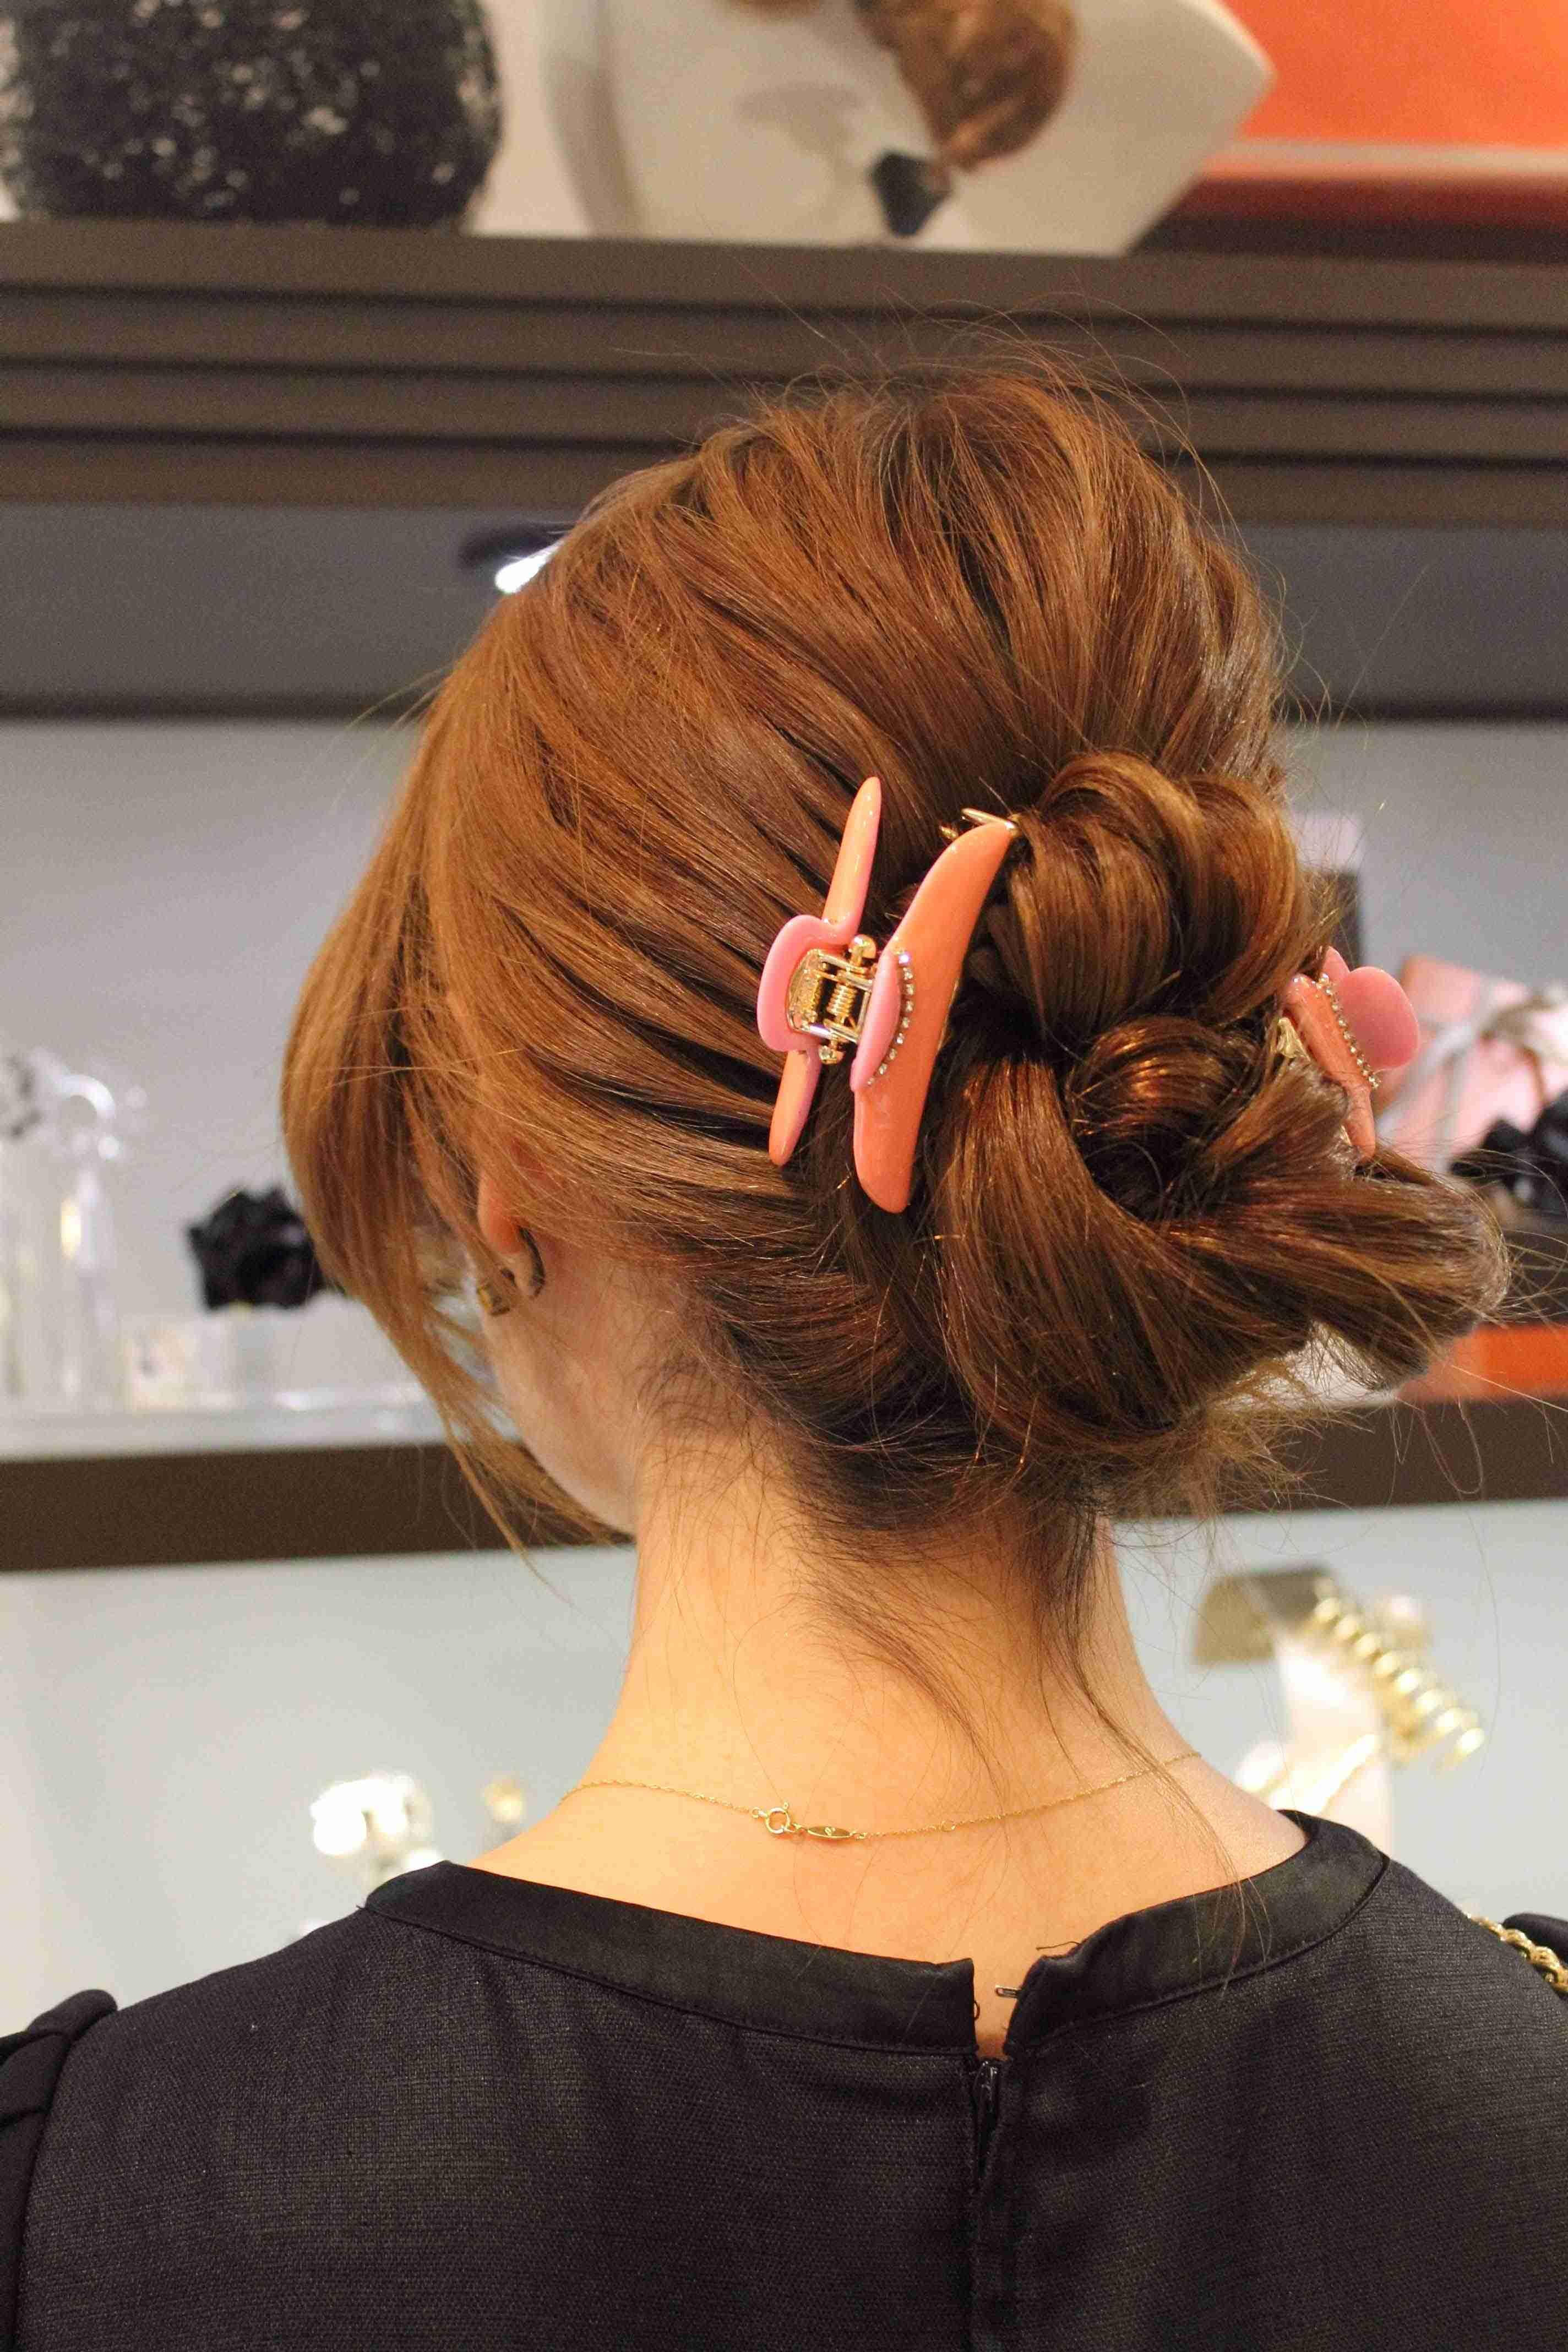 オススメのヘアアレンジ用品